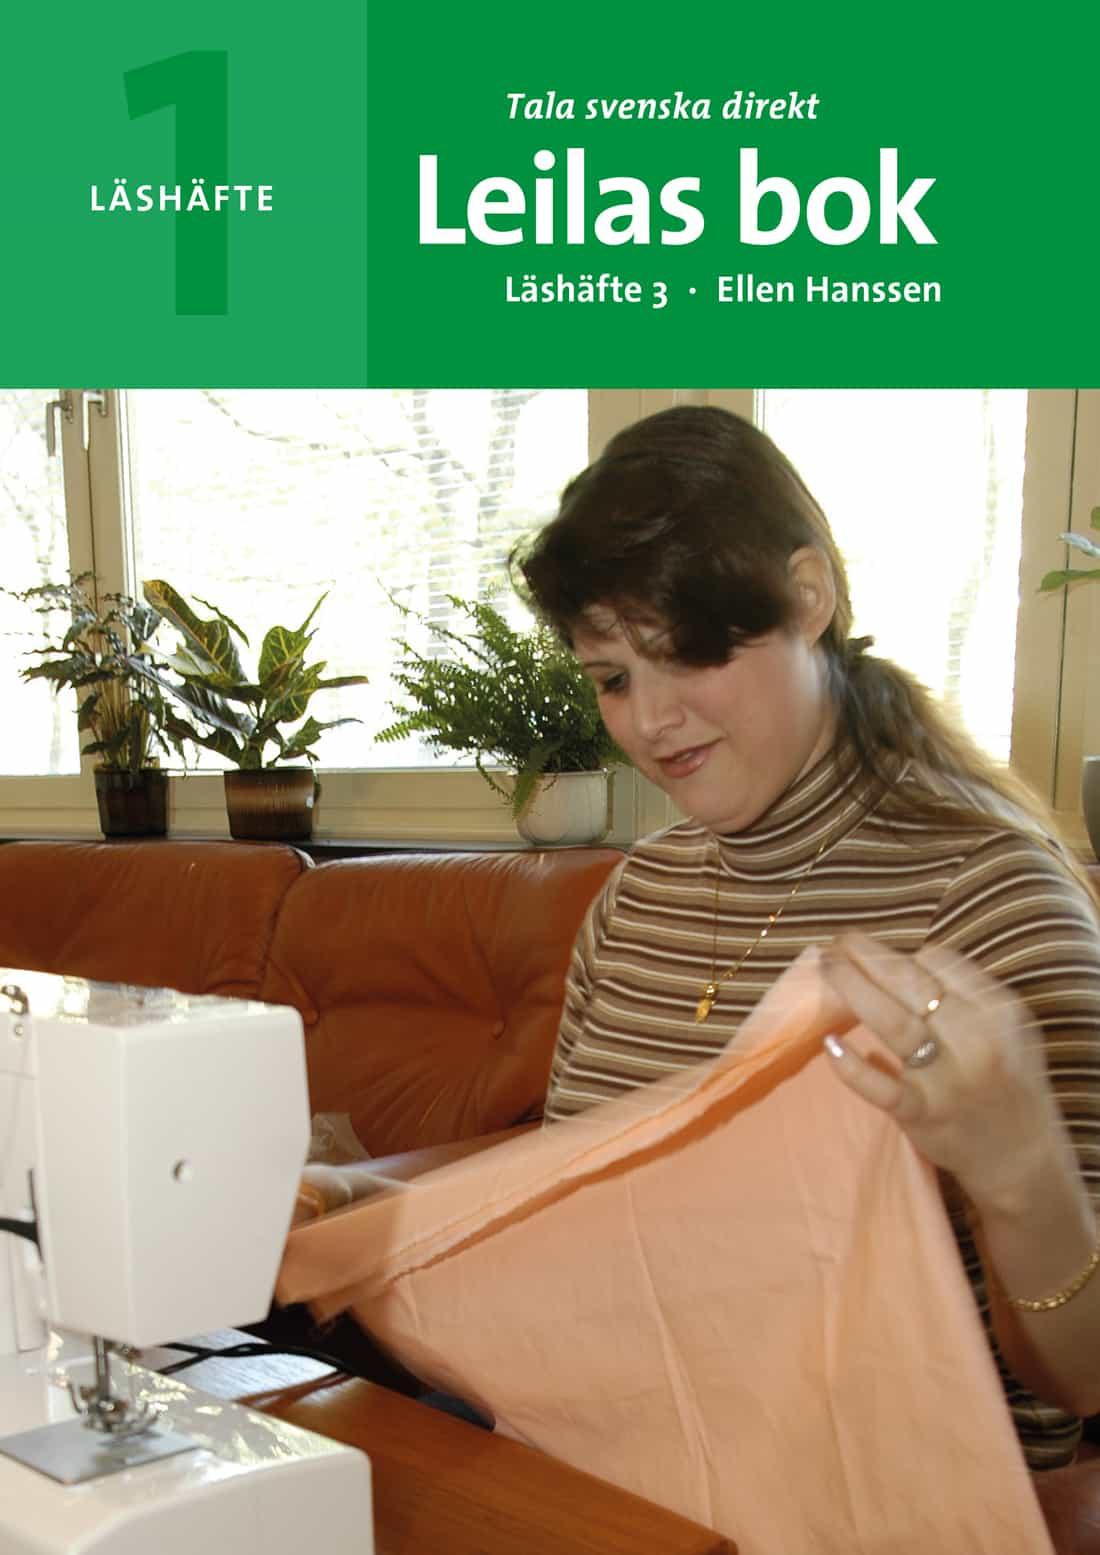 Leilas bok – läshäfte 3